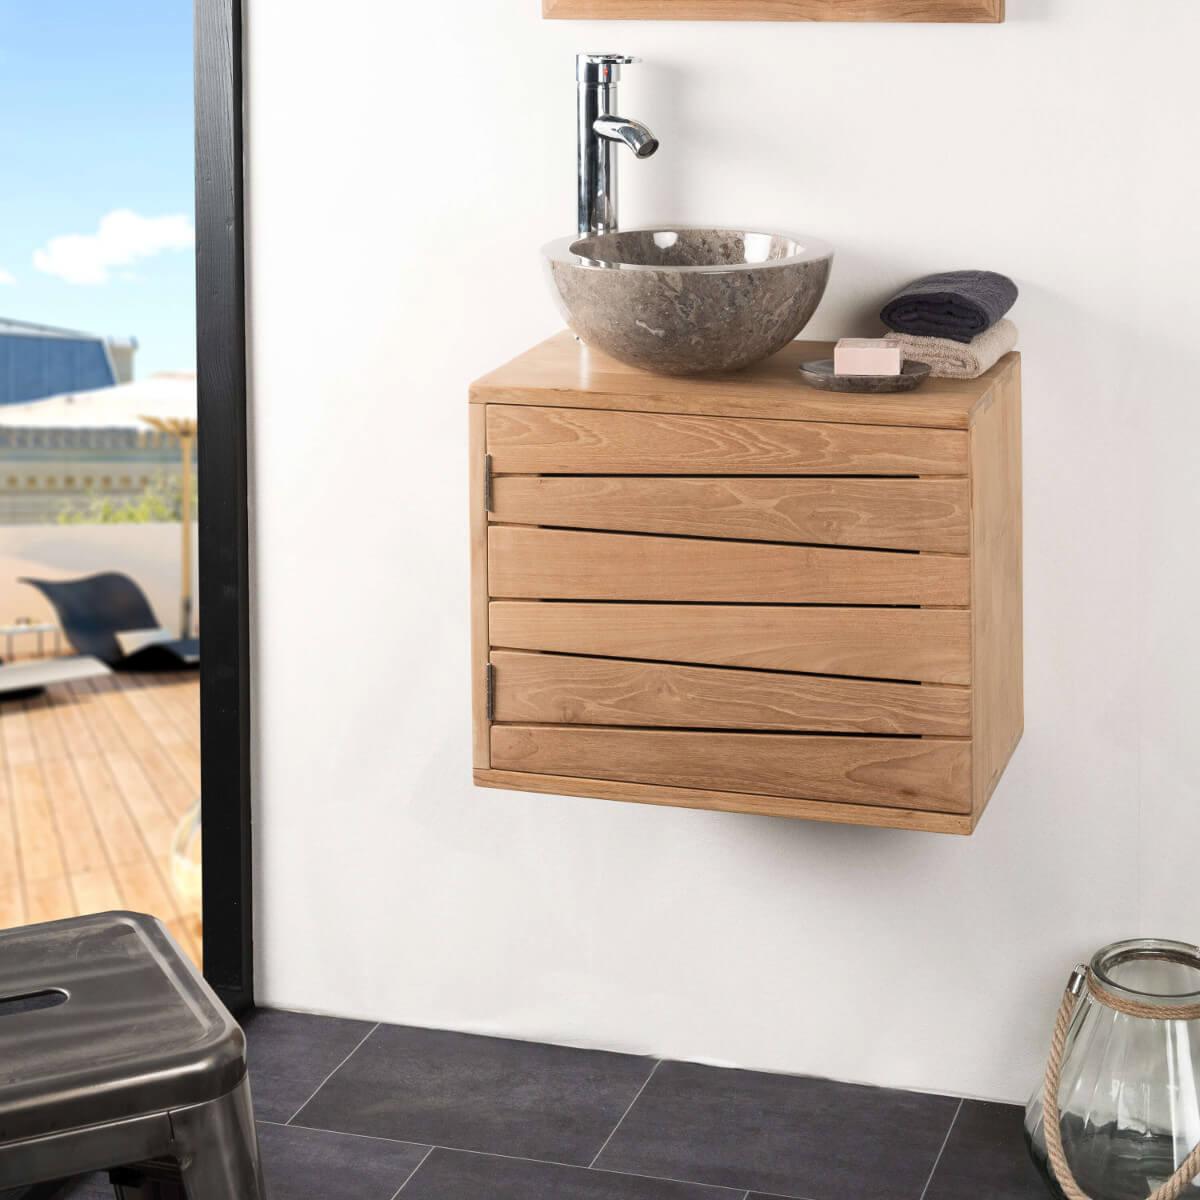 Meuble sous vasque simple vasque suspendu en bois teck massif cosy nat - Meuble de salle de bain suspendu ...